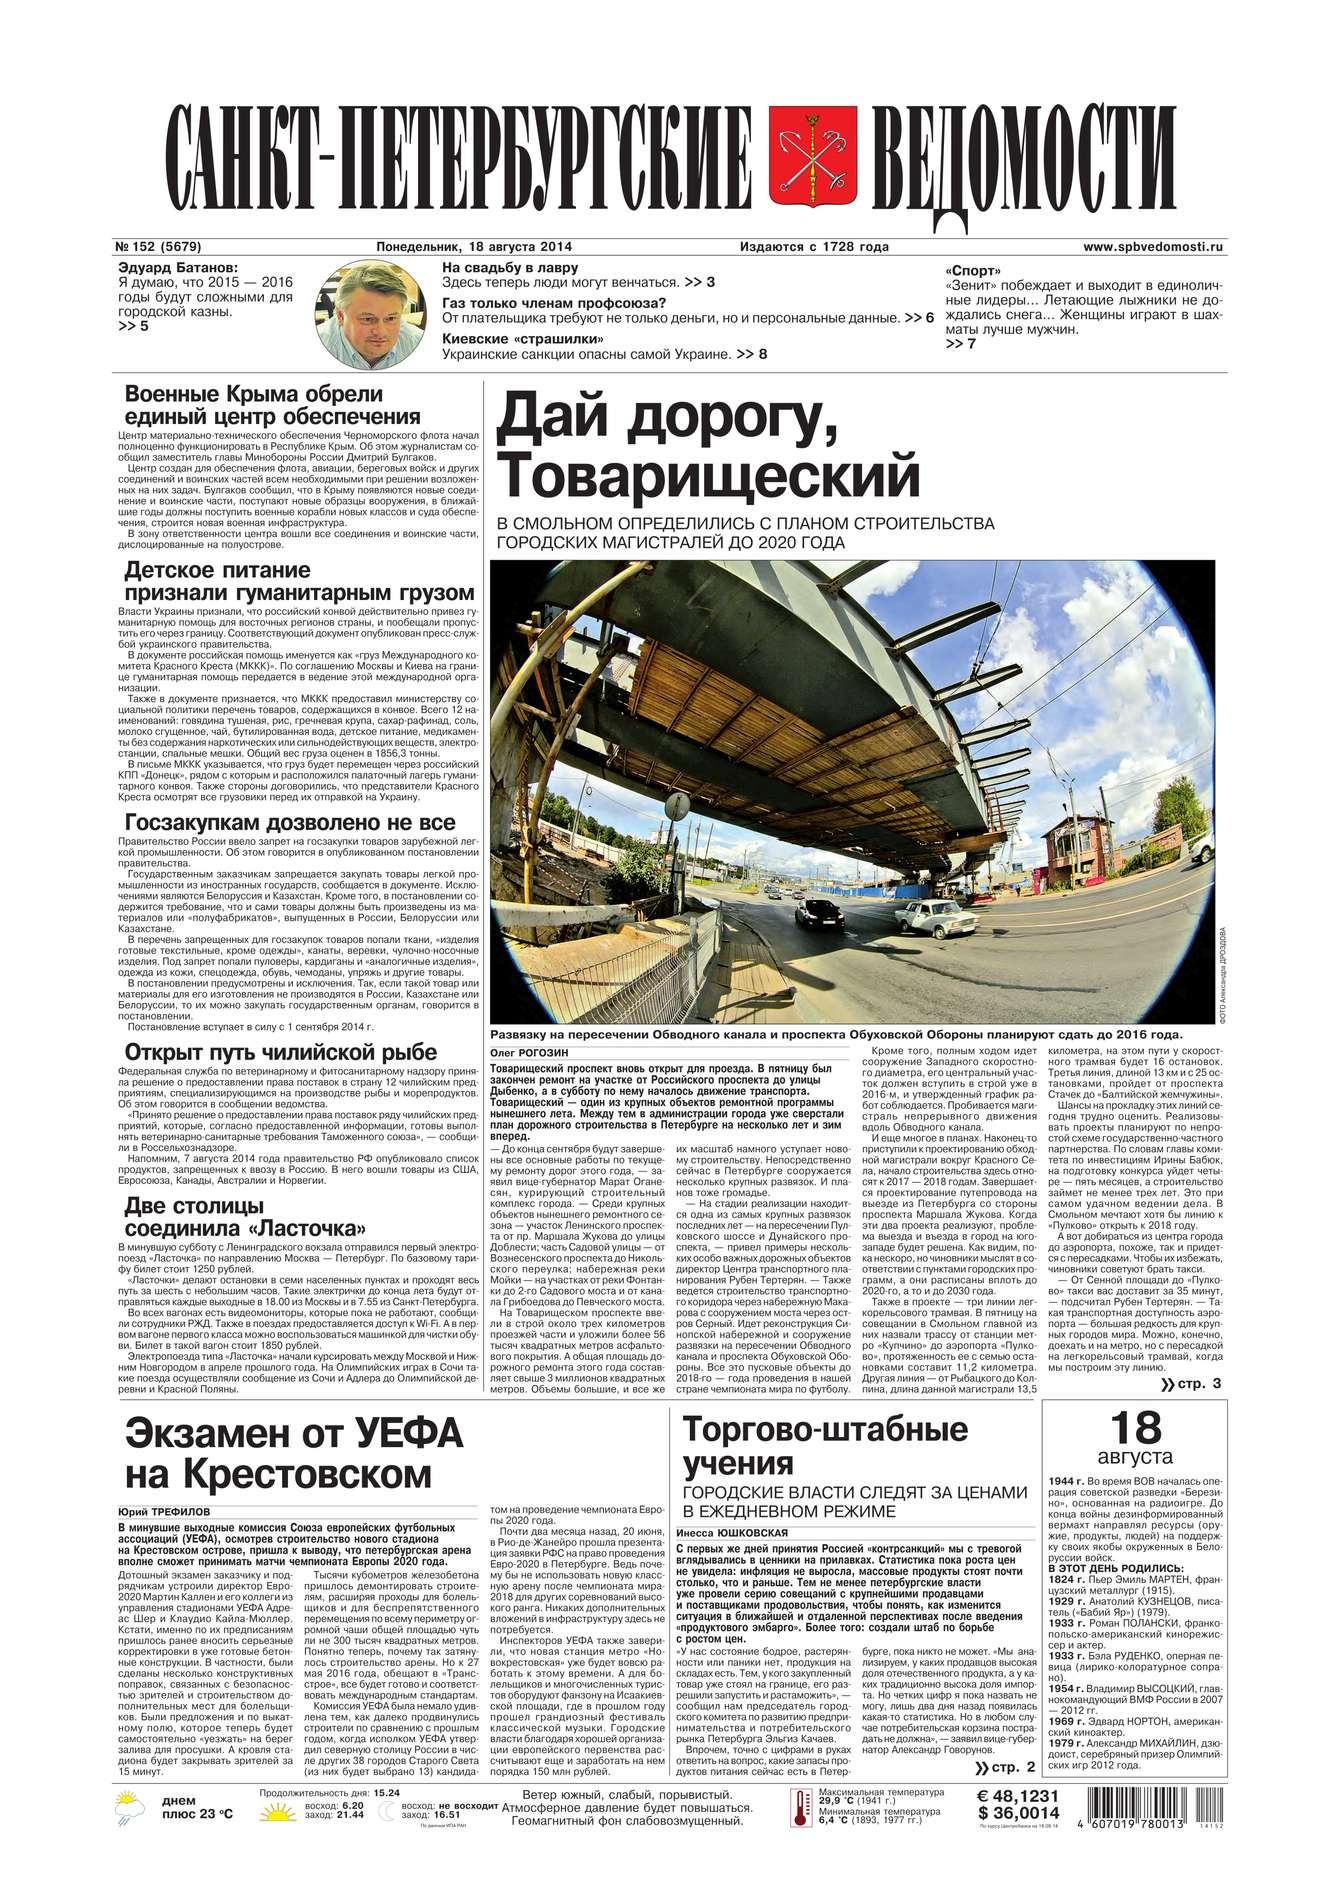 Санкт-Петербургские ведомости 152-2014